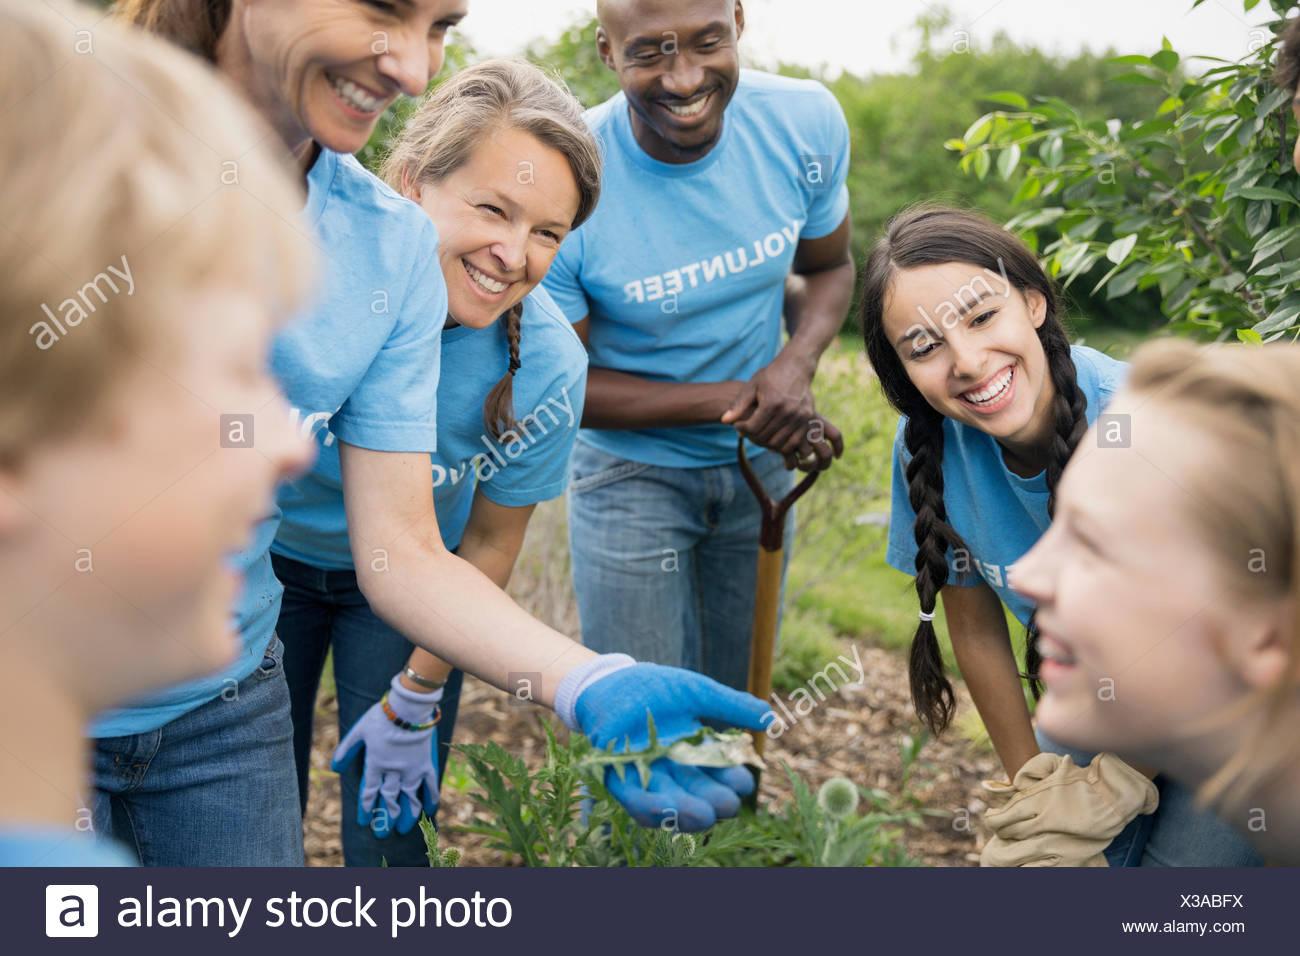 Volunteers talking in garden - Stock Image